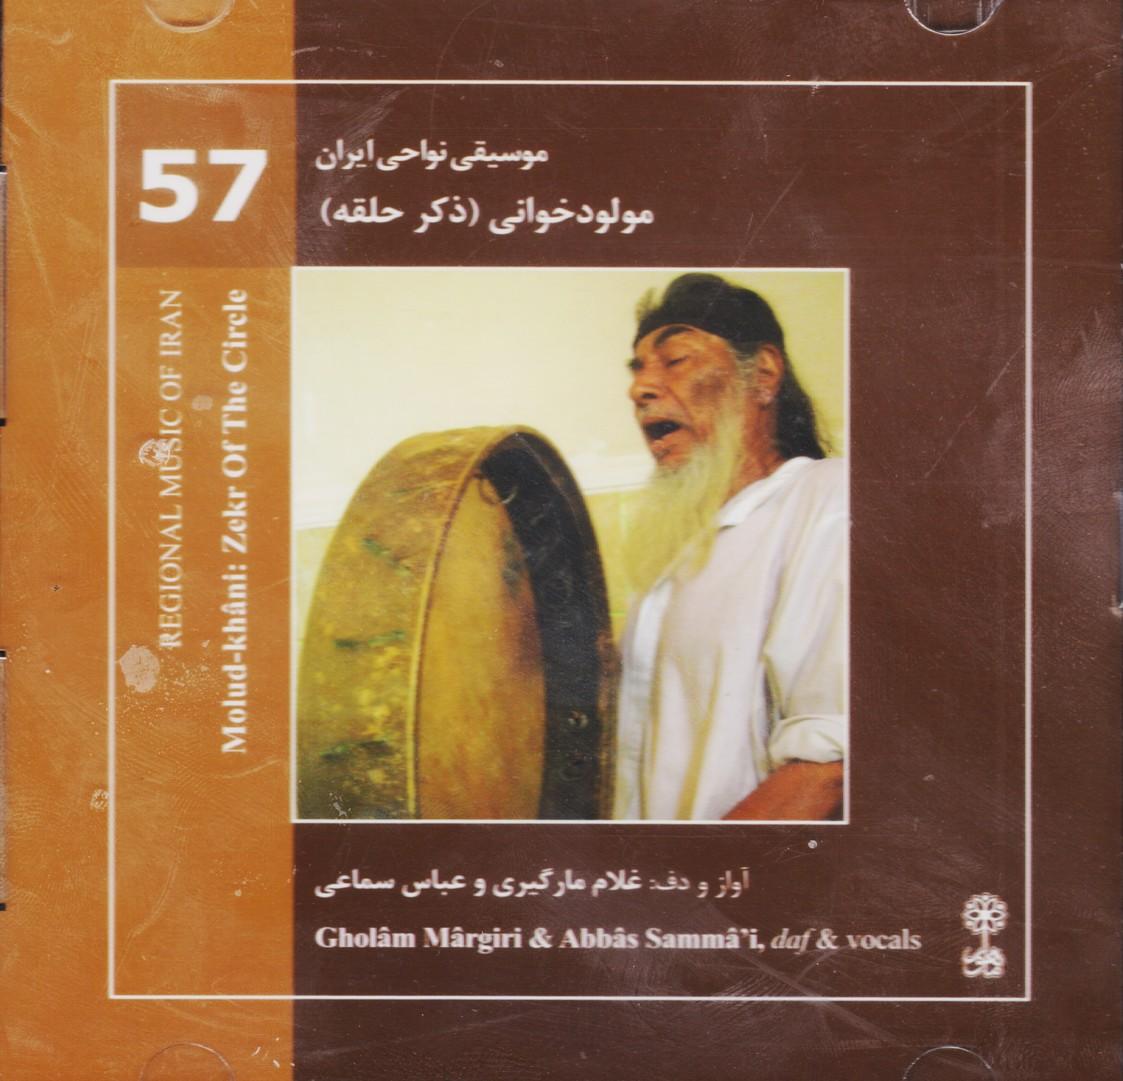 مولود خوانی: ذکر حلقه/موسیقی نواحی ایران 57